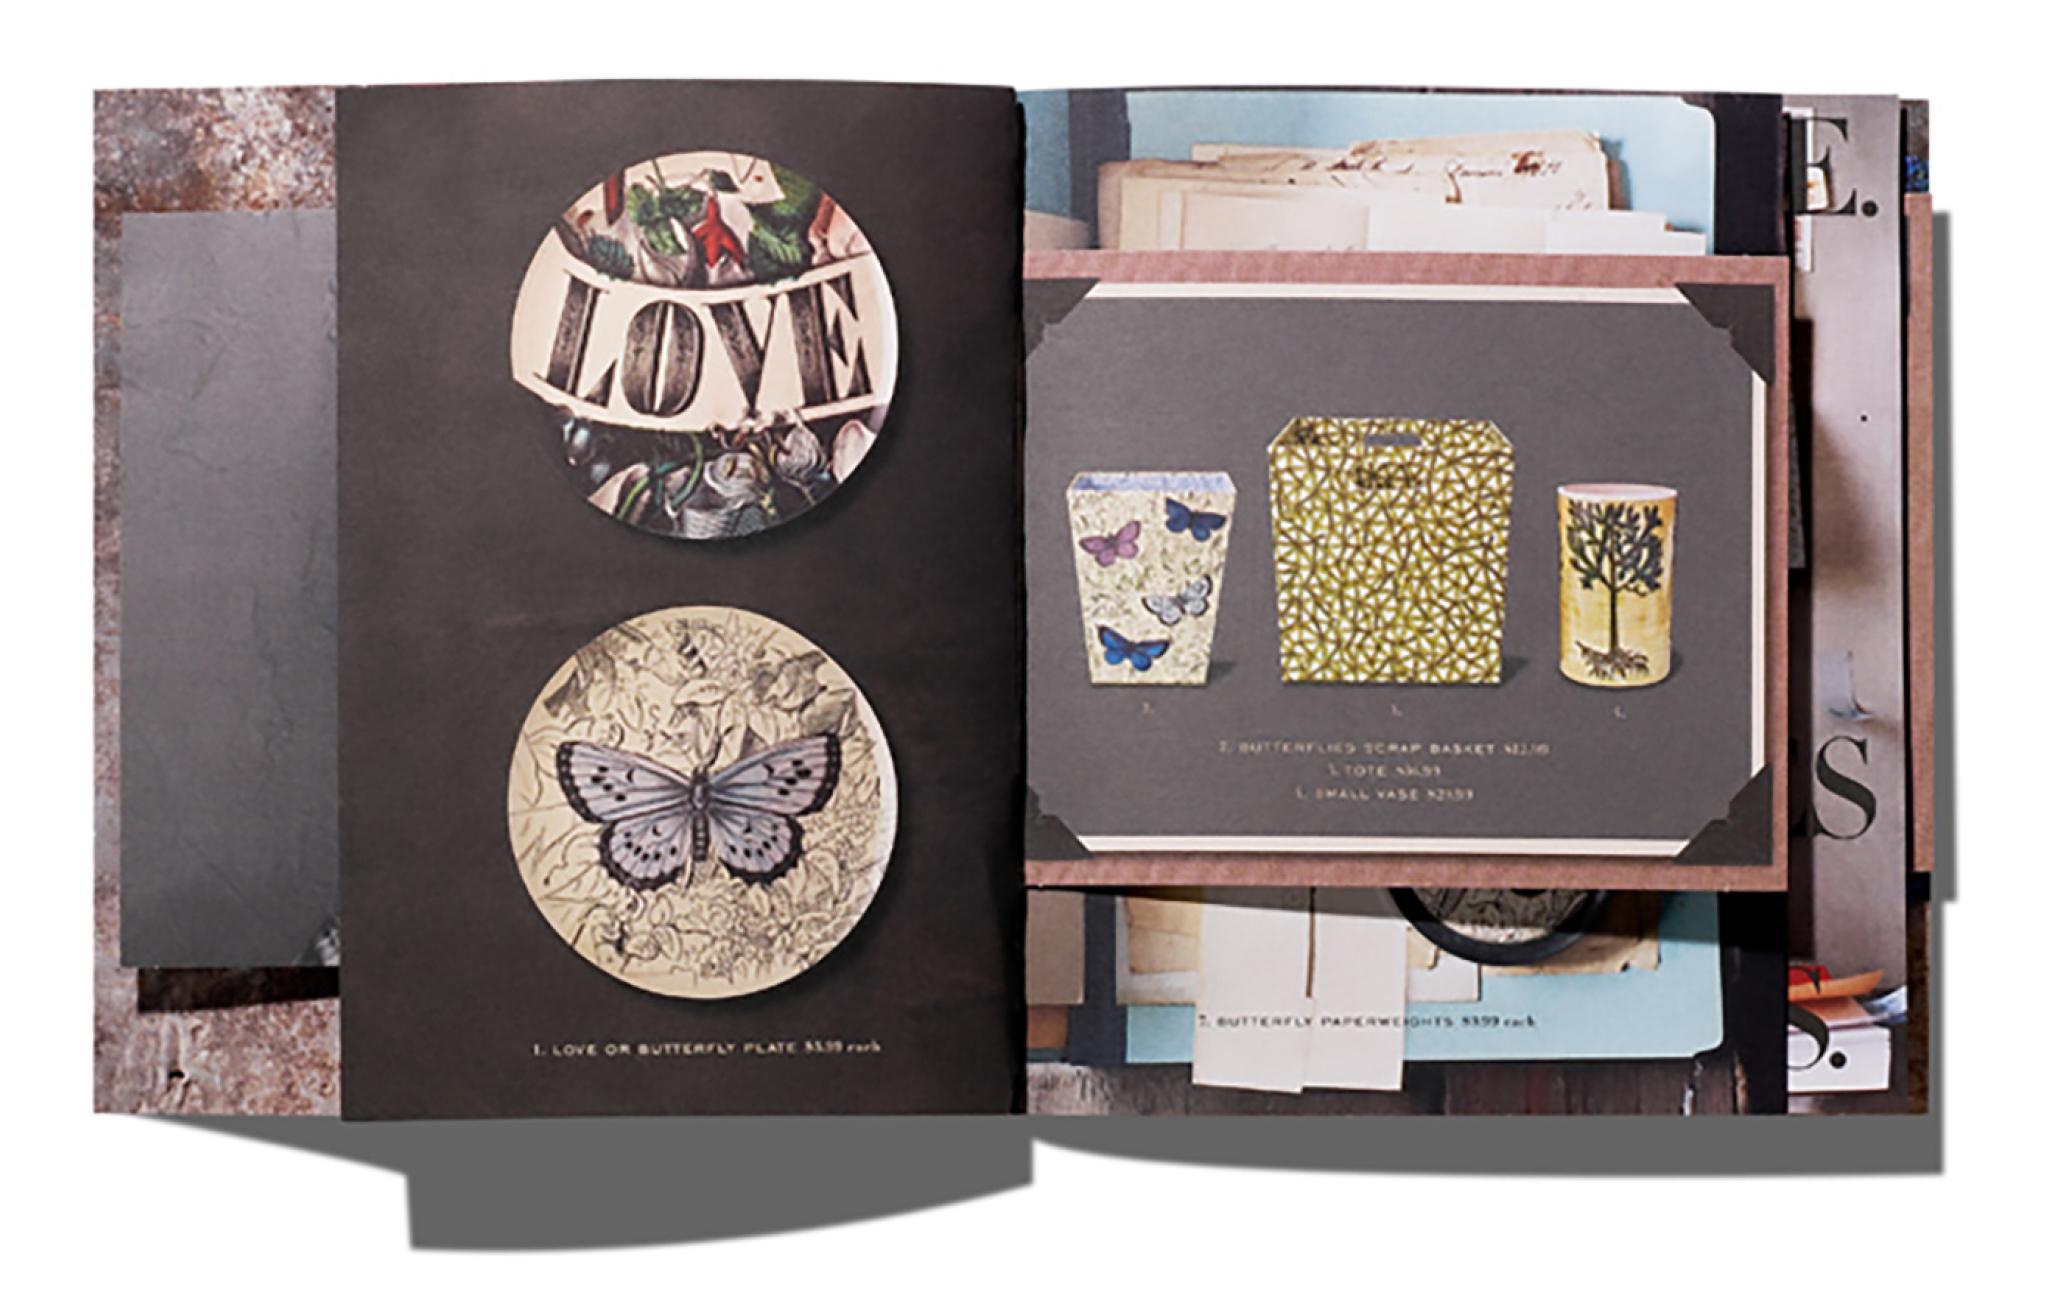 03-Catalogue-John-Derian-For-Target-Coosa.jpg